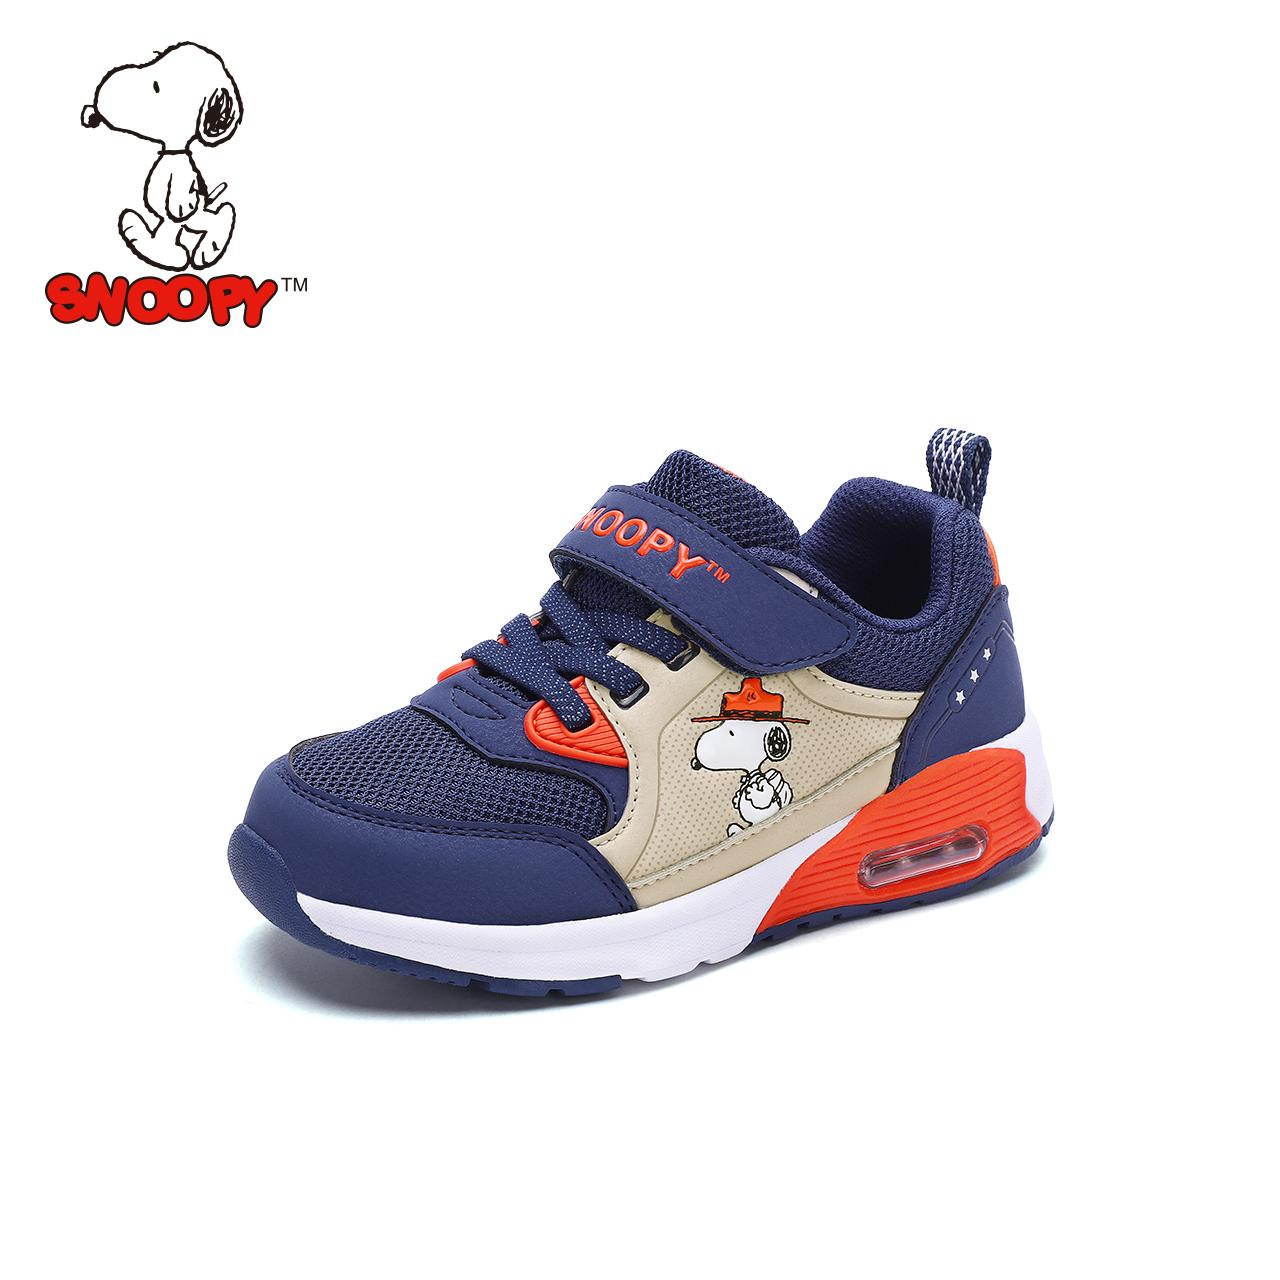 史努比童鞋男童运动鞋2019新款秋季儿童网面透气跑步鞋学生气垫鞋